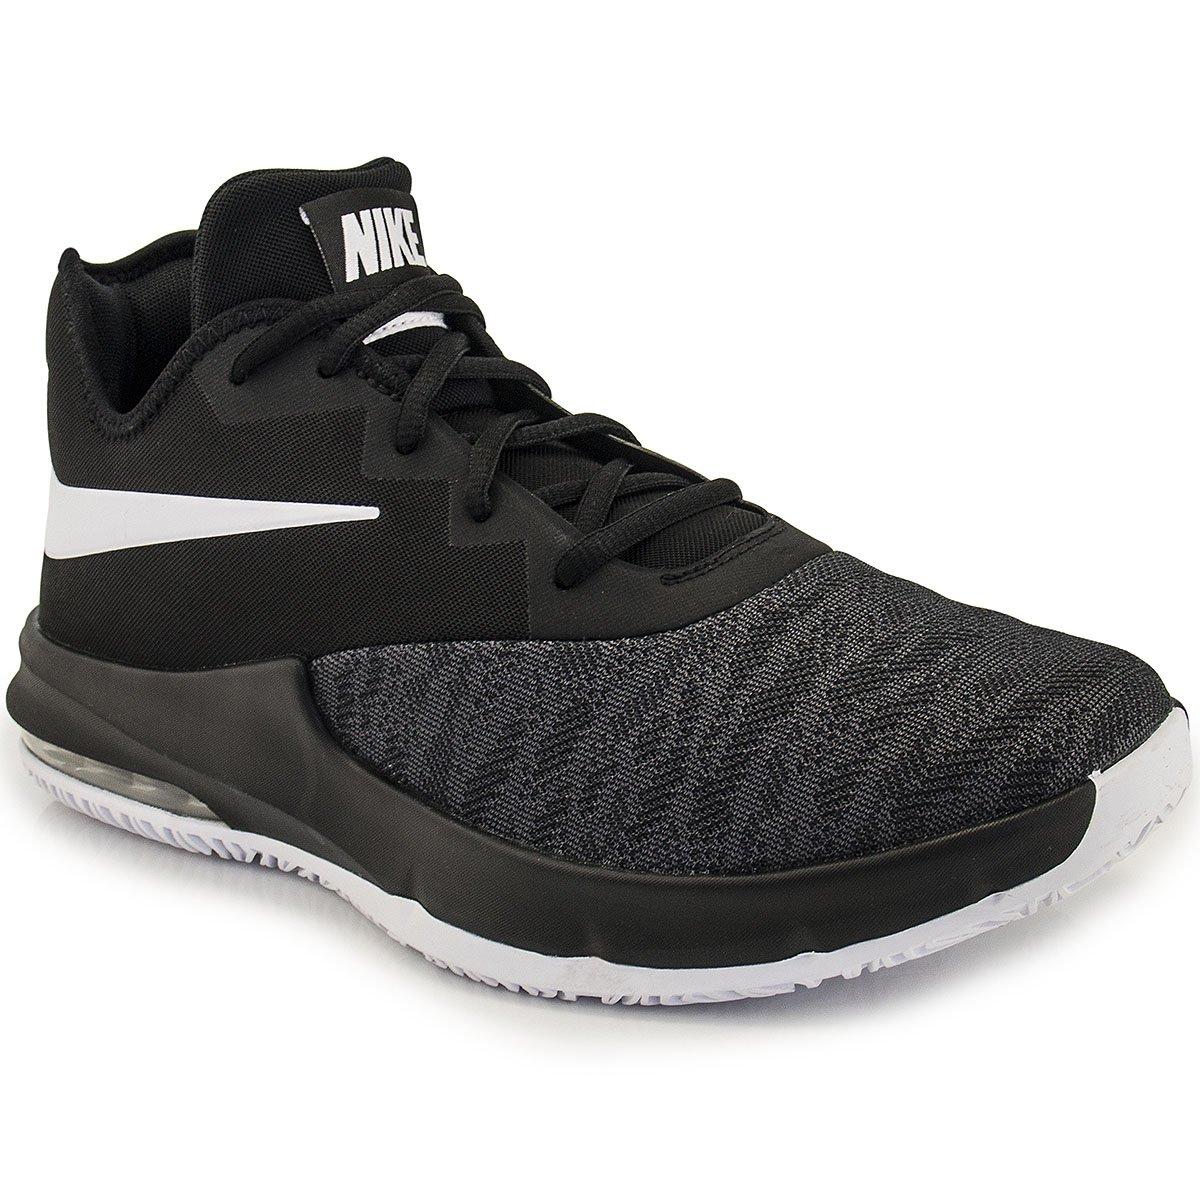 380a5d23af8fd Tênis Nike Air Max Infuriate 3 Low   Basquete   MaxTennis